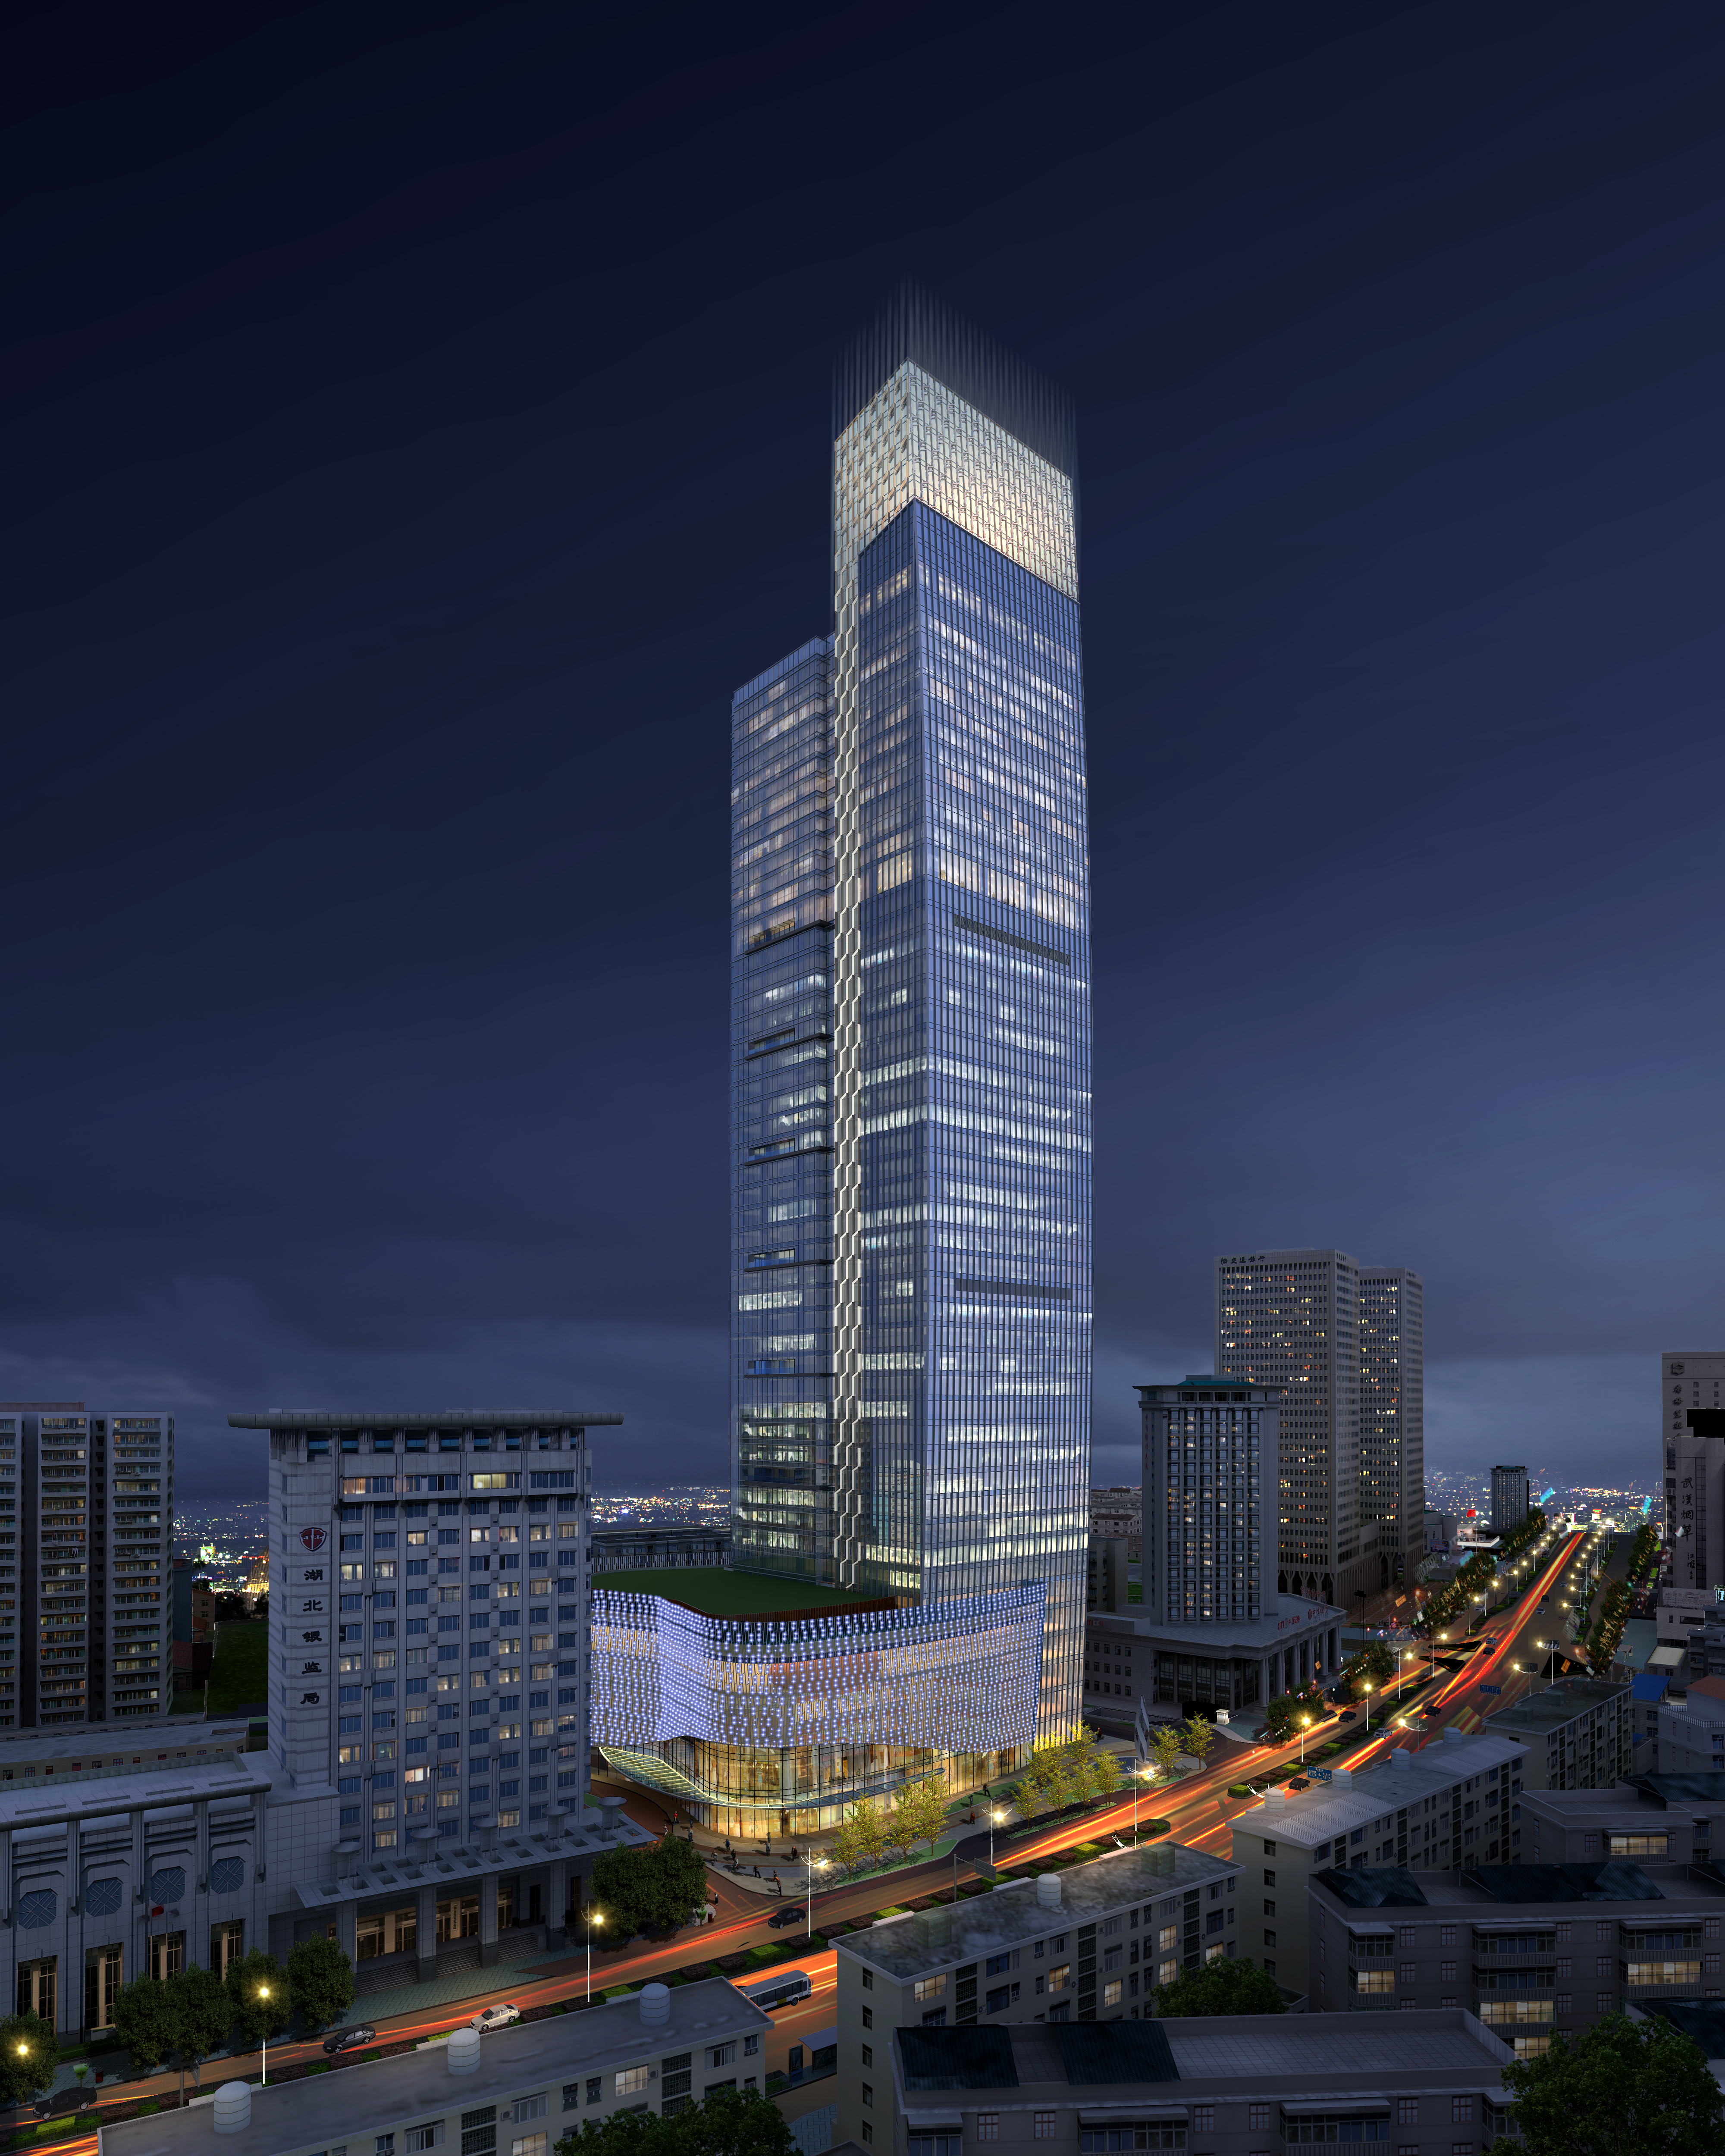 felhőkarcoló üzleti központ 051 3d modell max 206180